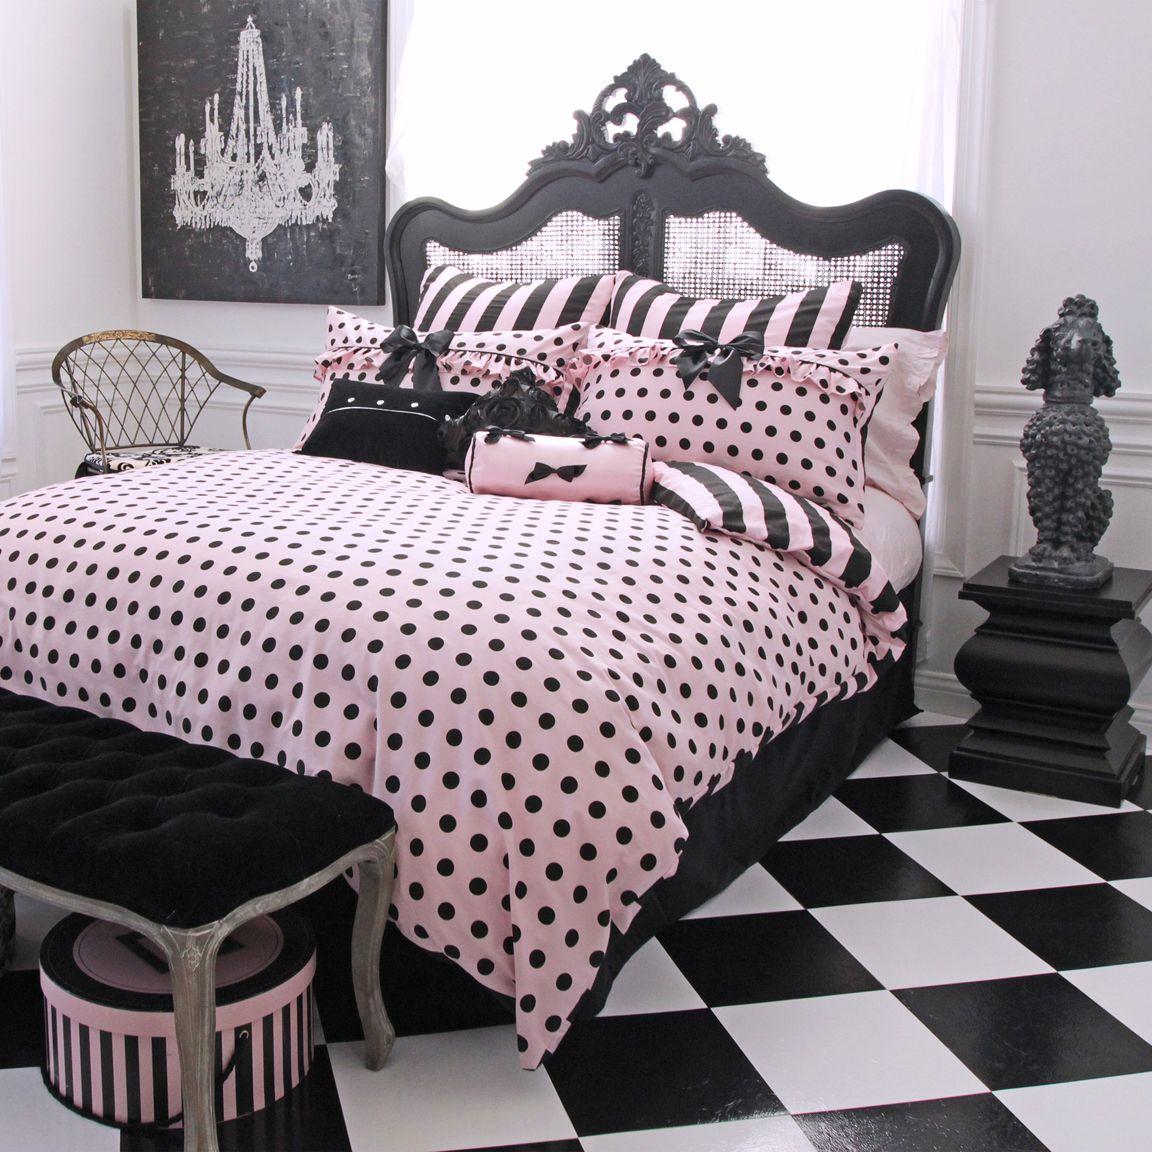 Pin by Christina Avila on Bedding